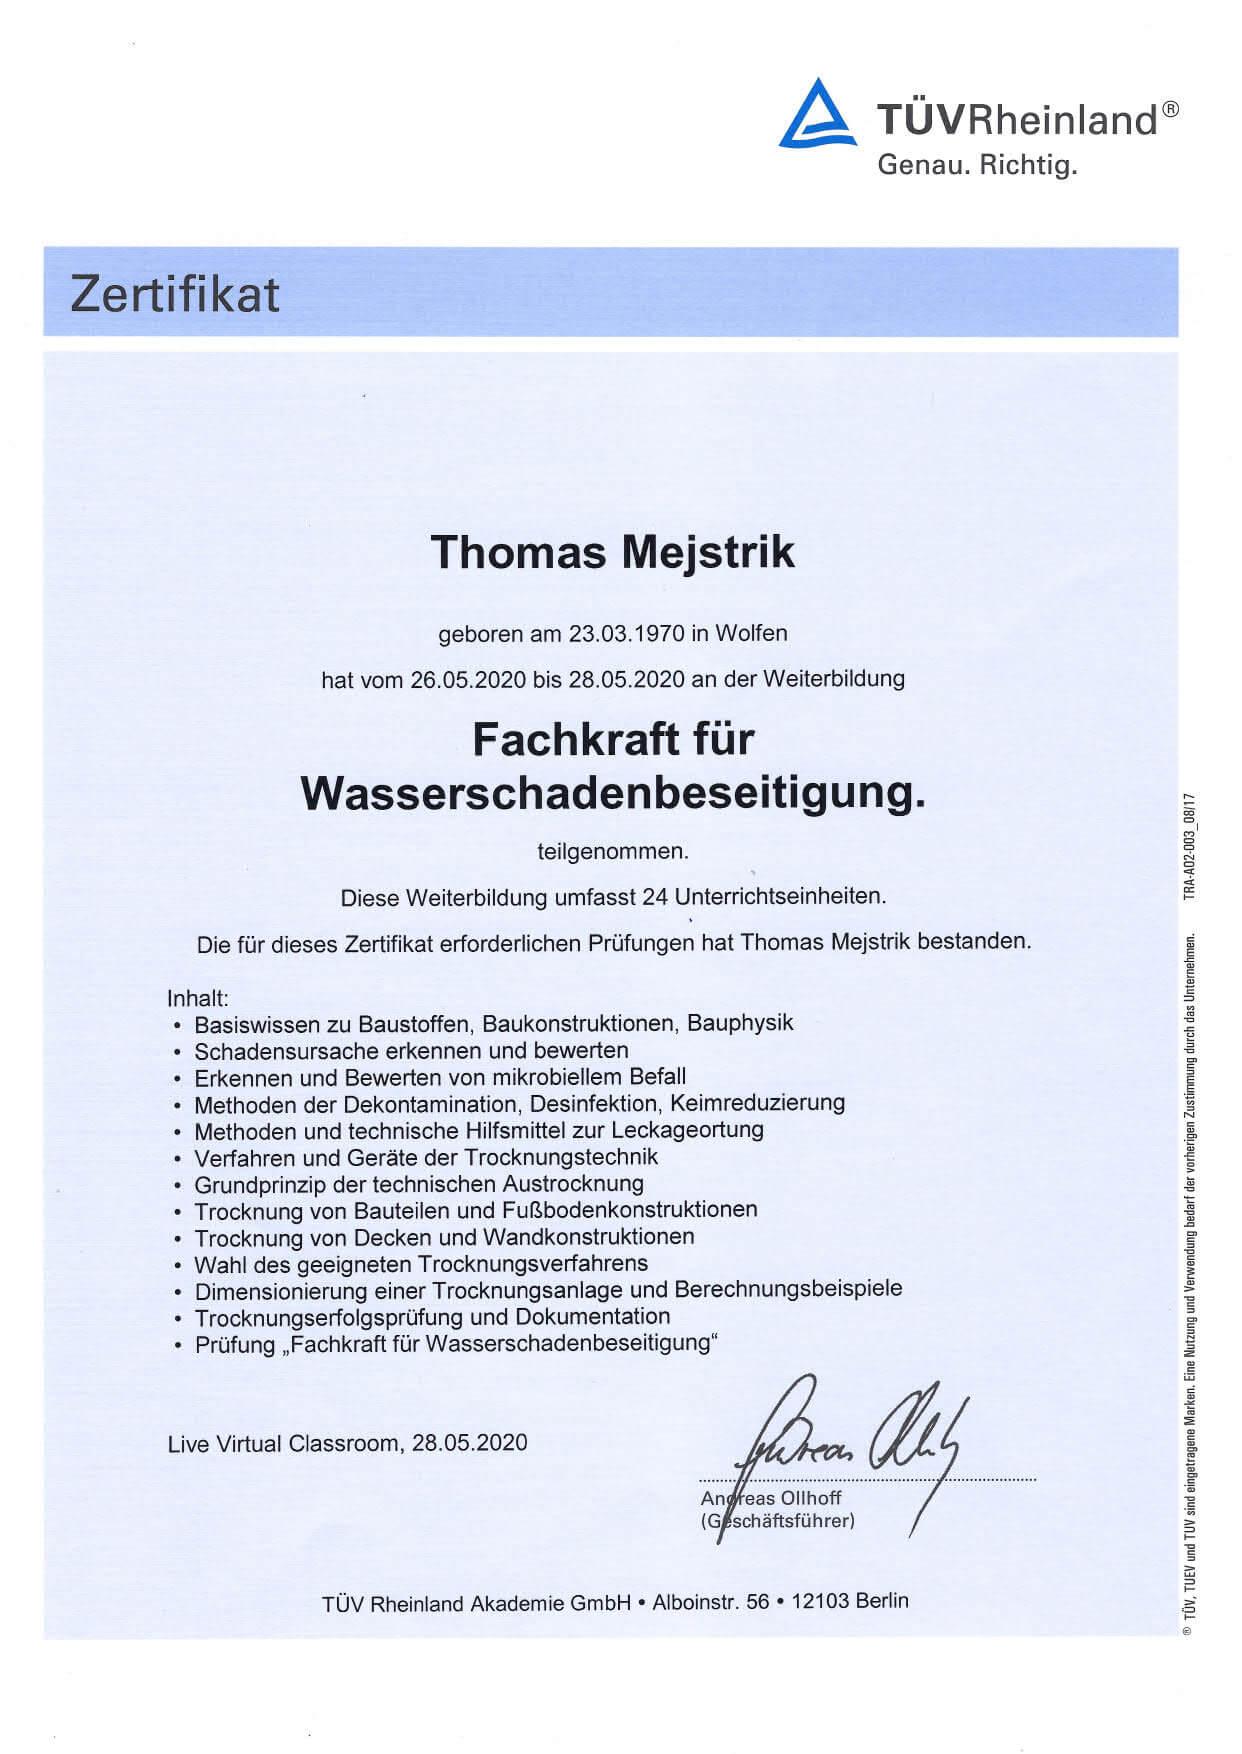 Thomas Mejstrik-Fachkraft für Wasserschadensbeseitigung